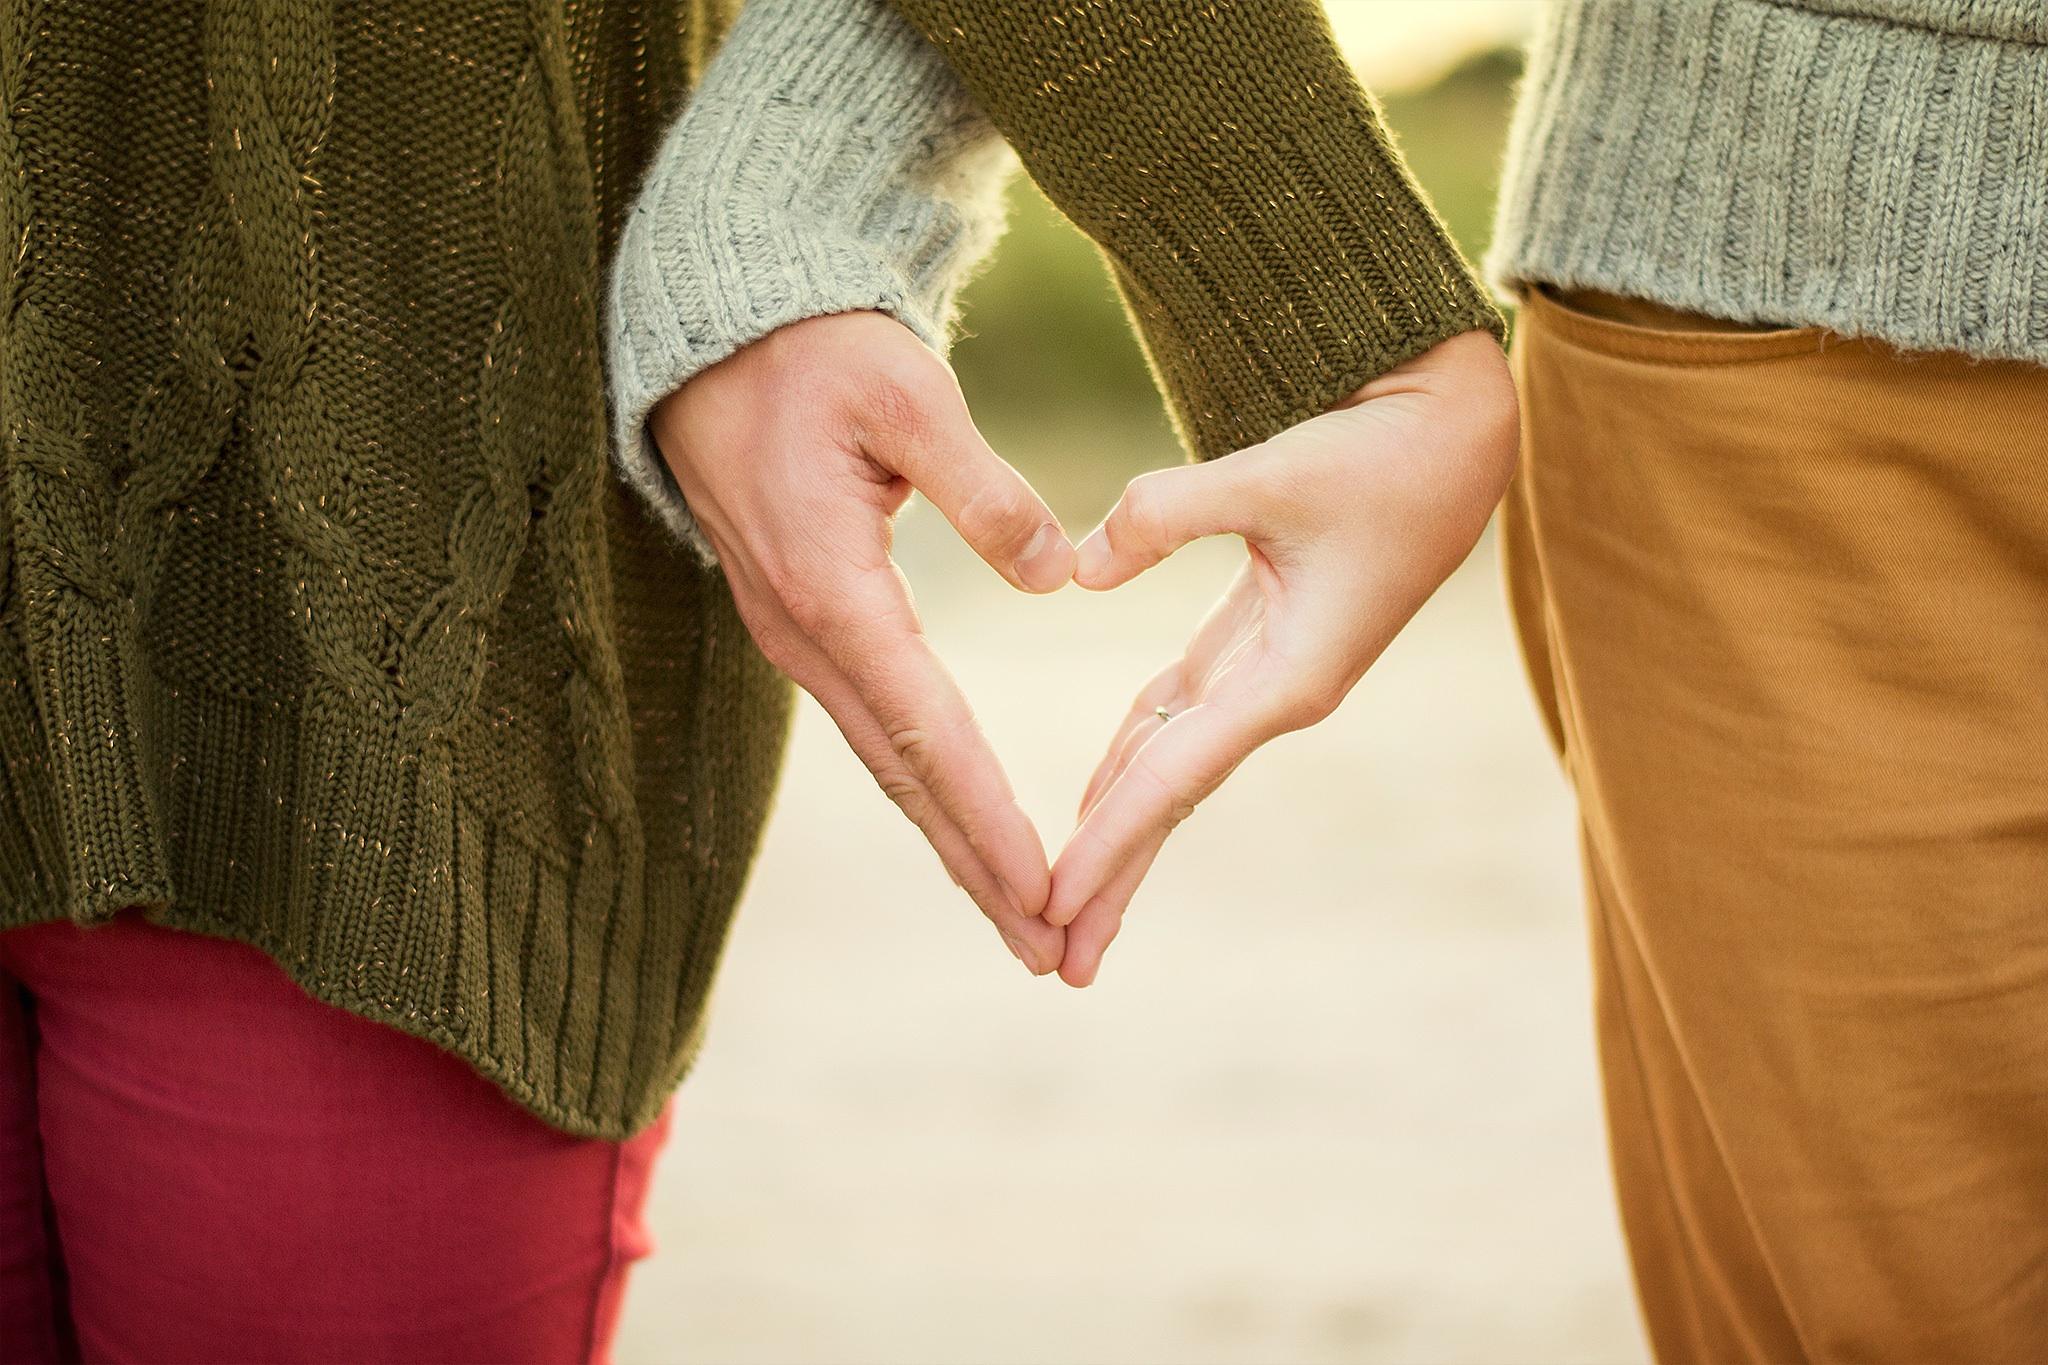 Studenti v Číně mohou navštěvovat seminář lásky